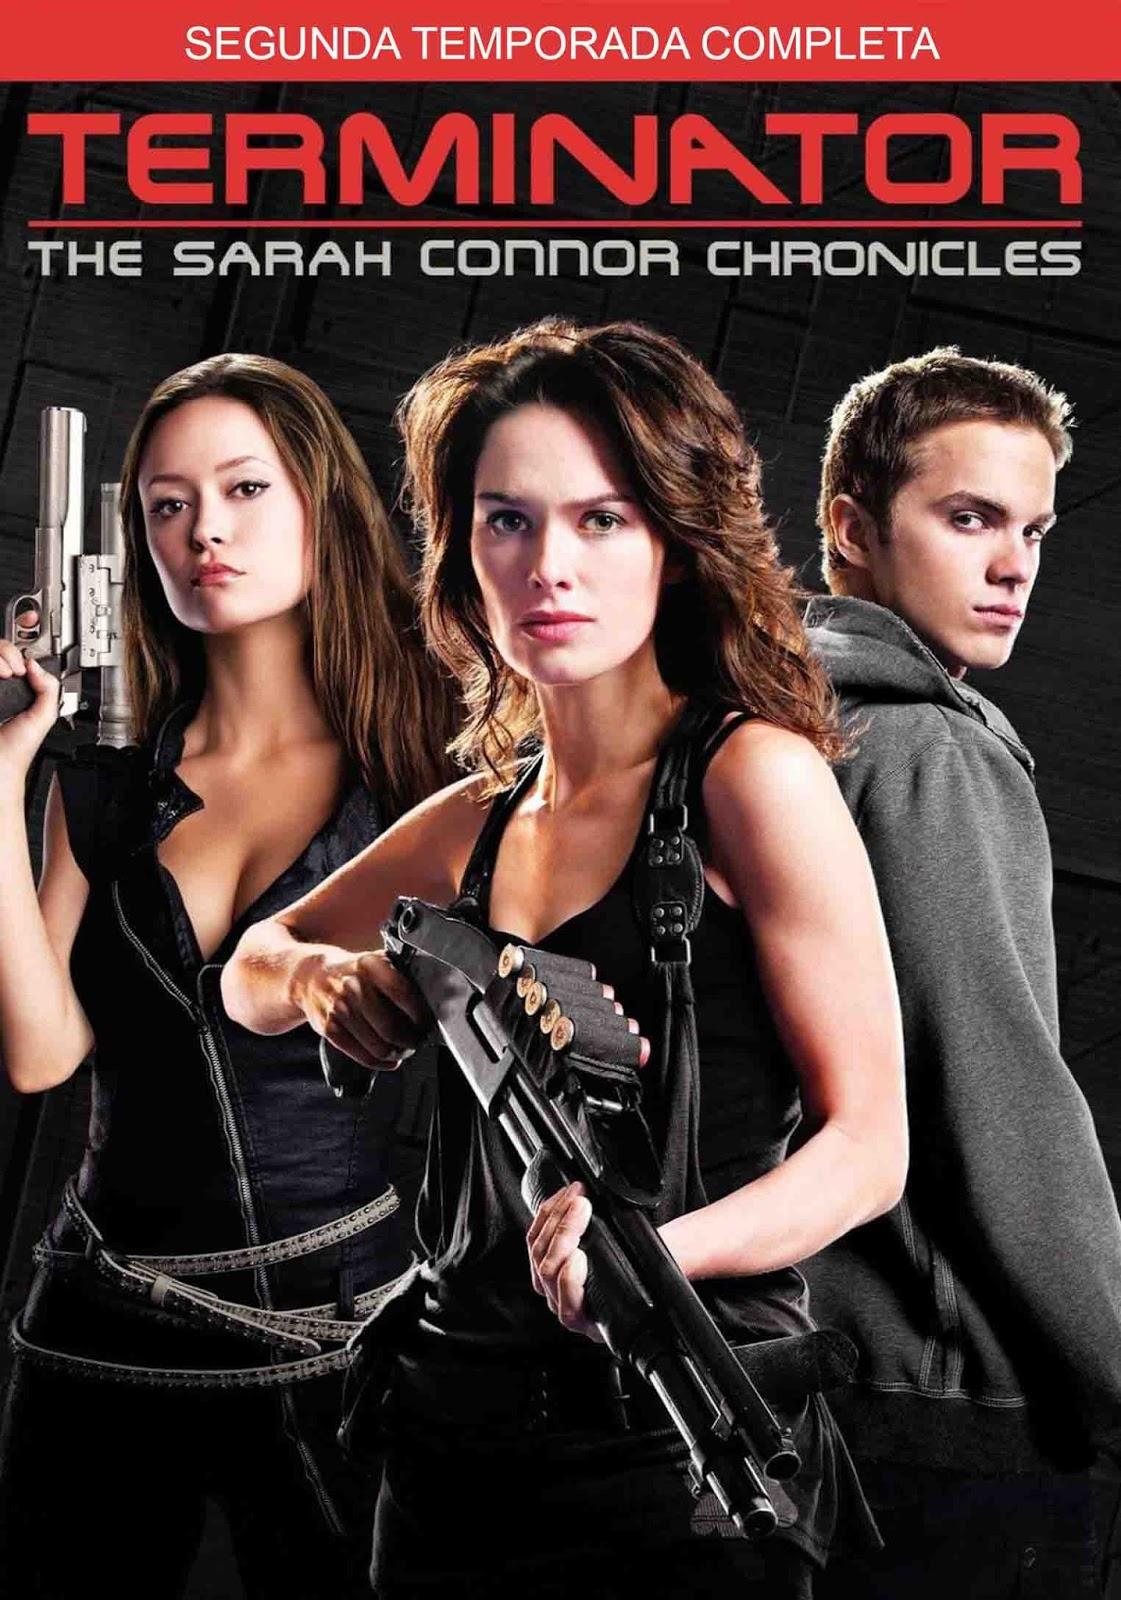 O Exterminador do Futuro: Crônicas de Sarah Connor 2ª Temporada Torrent – Blu-ray Rip 720p Dublado (2009)